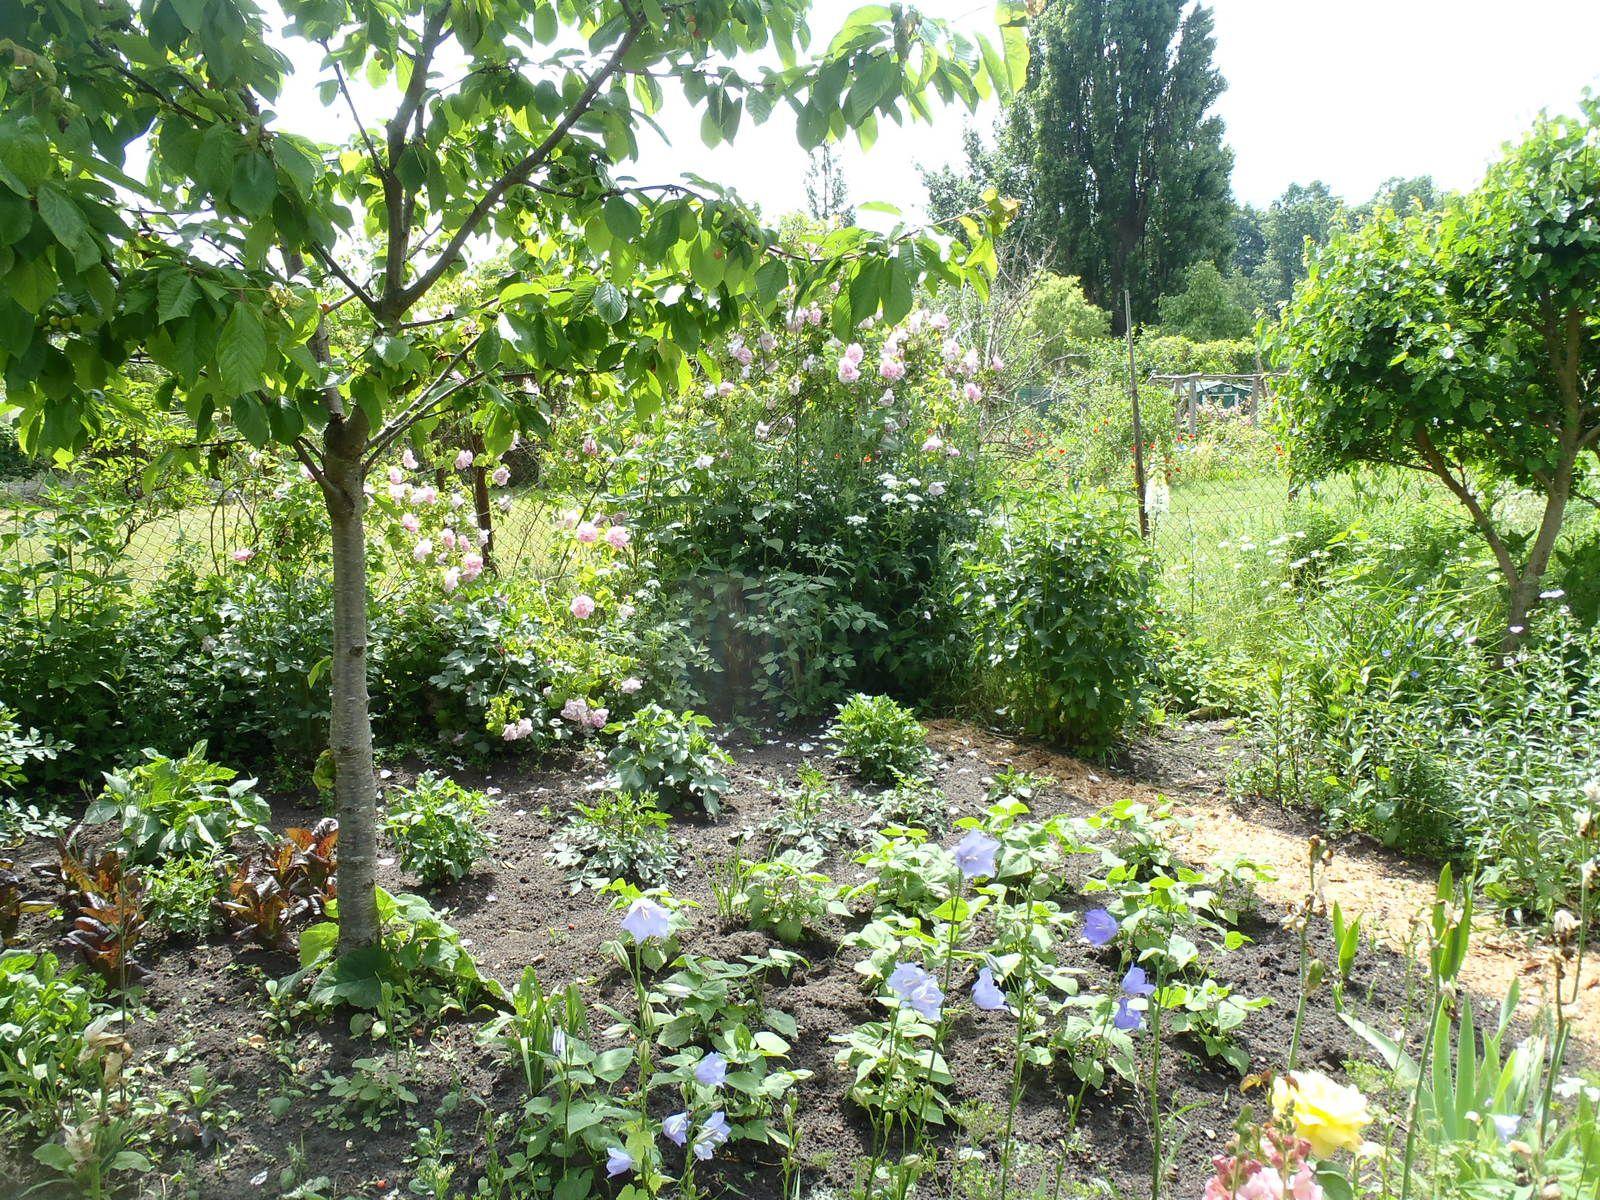 Grüne Bohnen, im Hintergrund Zucht--, und Wilddahlien.